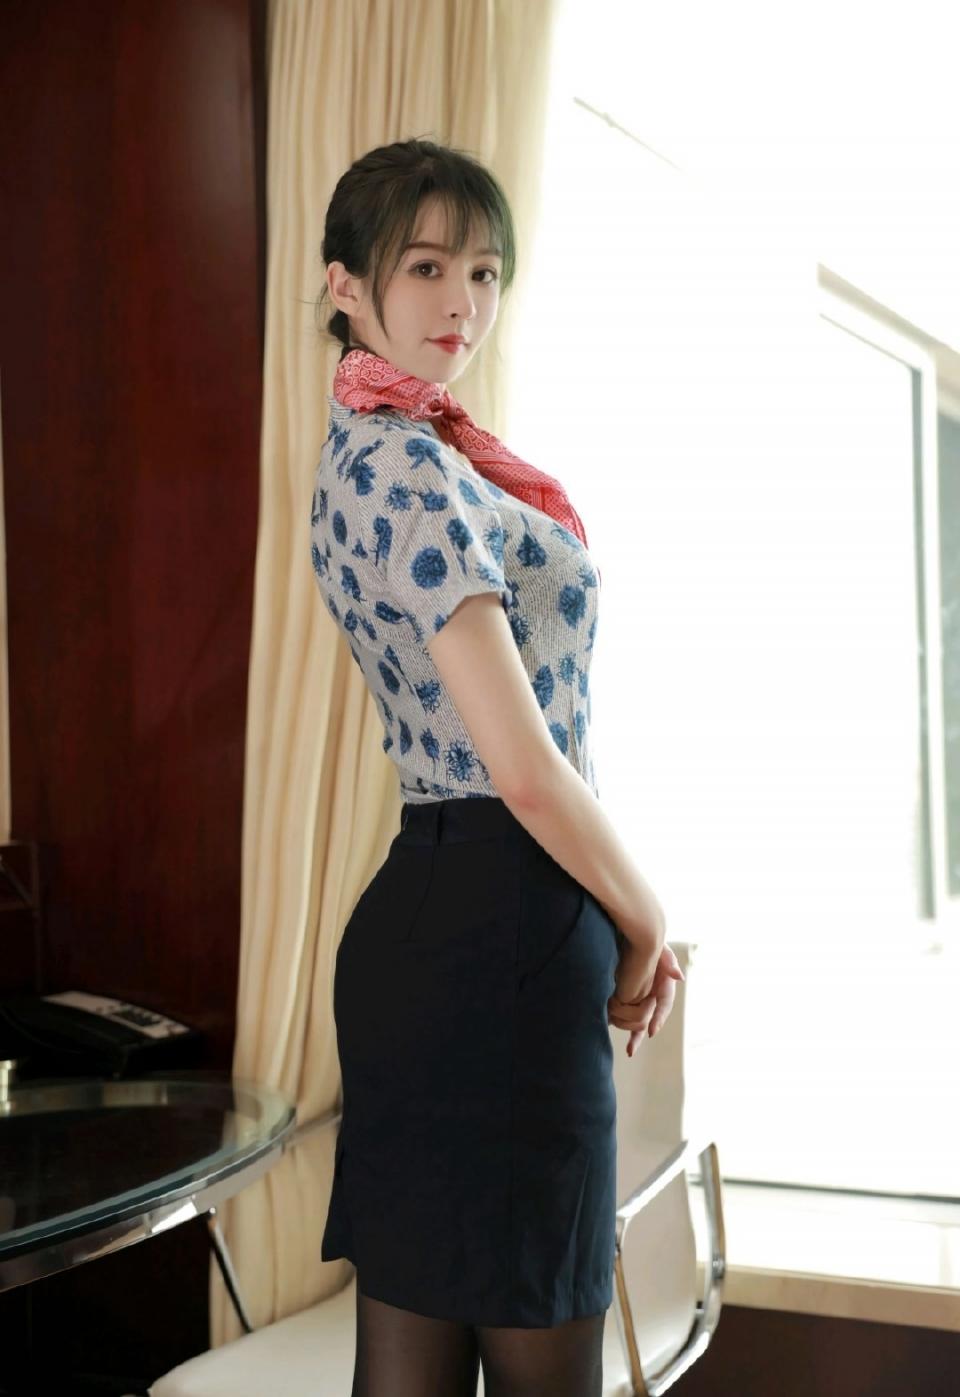 性感美女空姐黑丝美腿妖娆诱惑写真